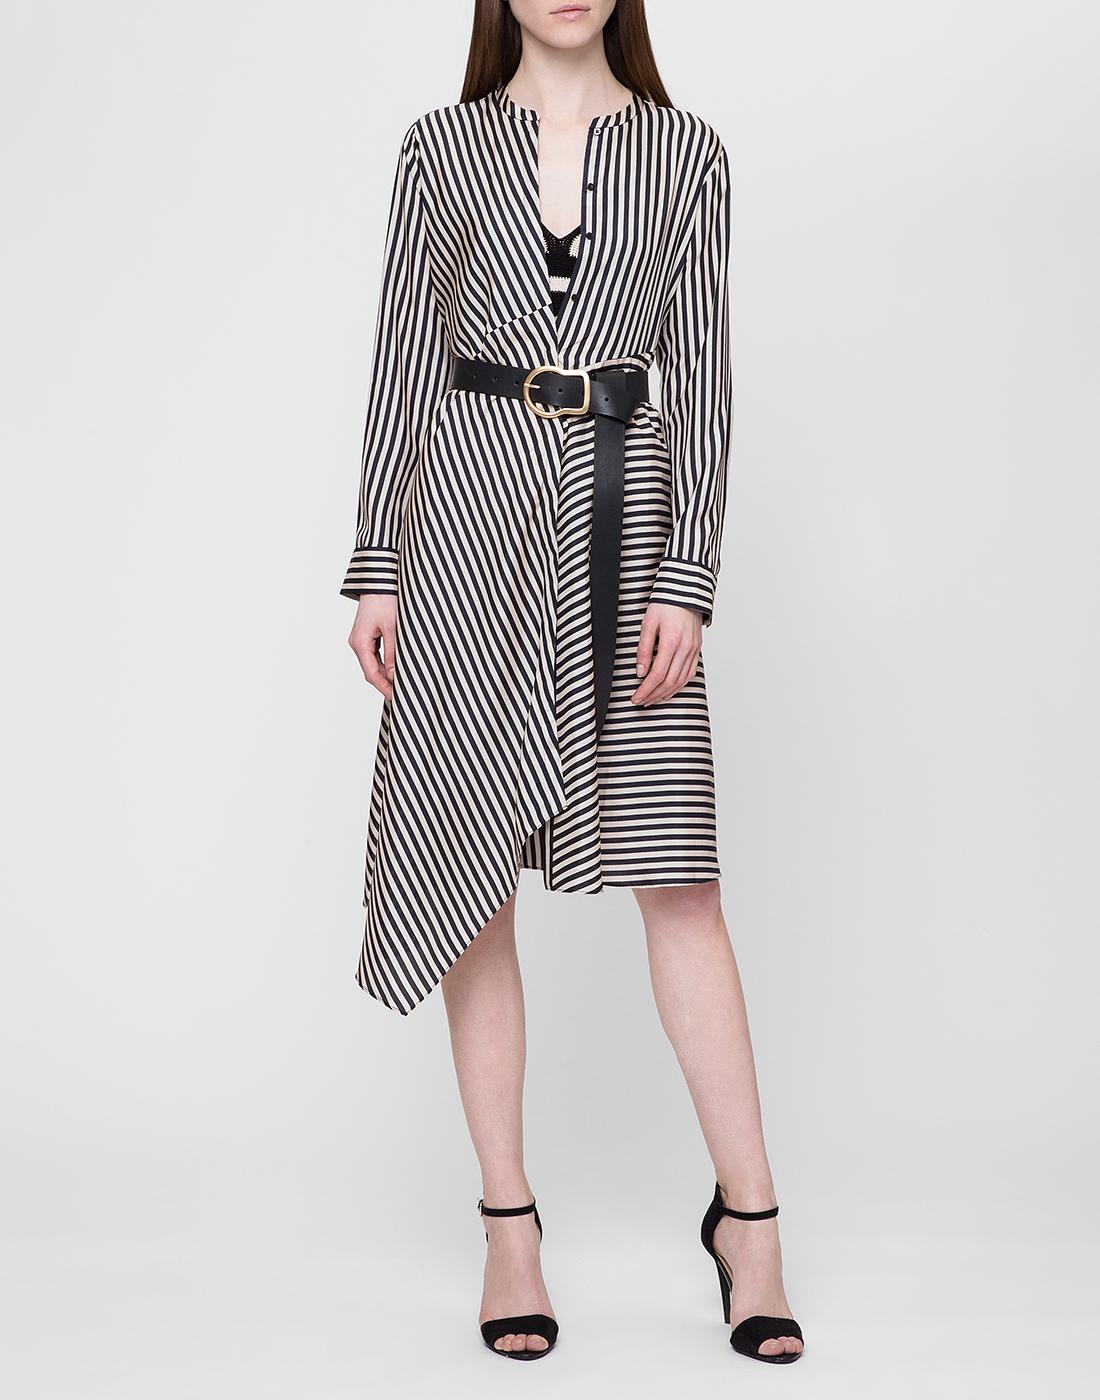 Женское шелковое платье в полоску Dorothee Schumacher S749201/030-5